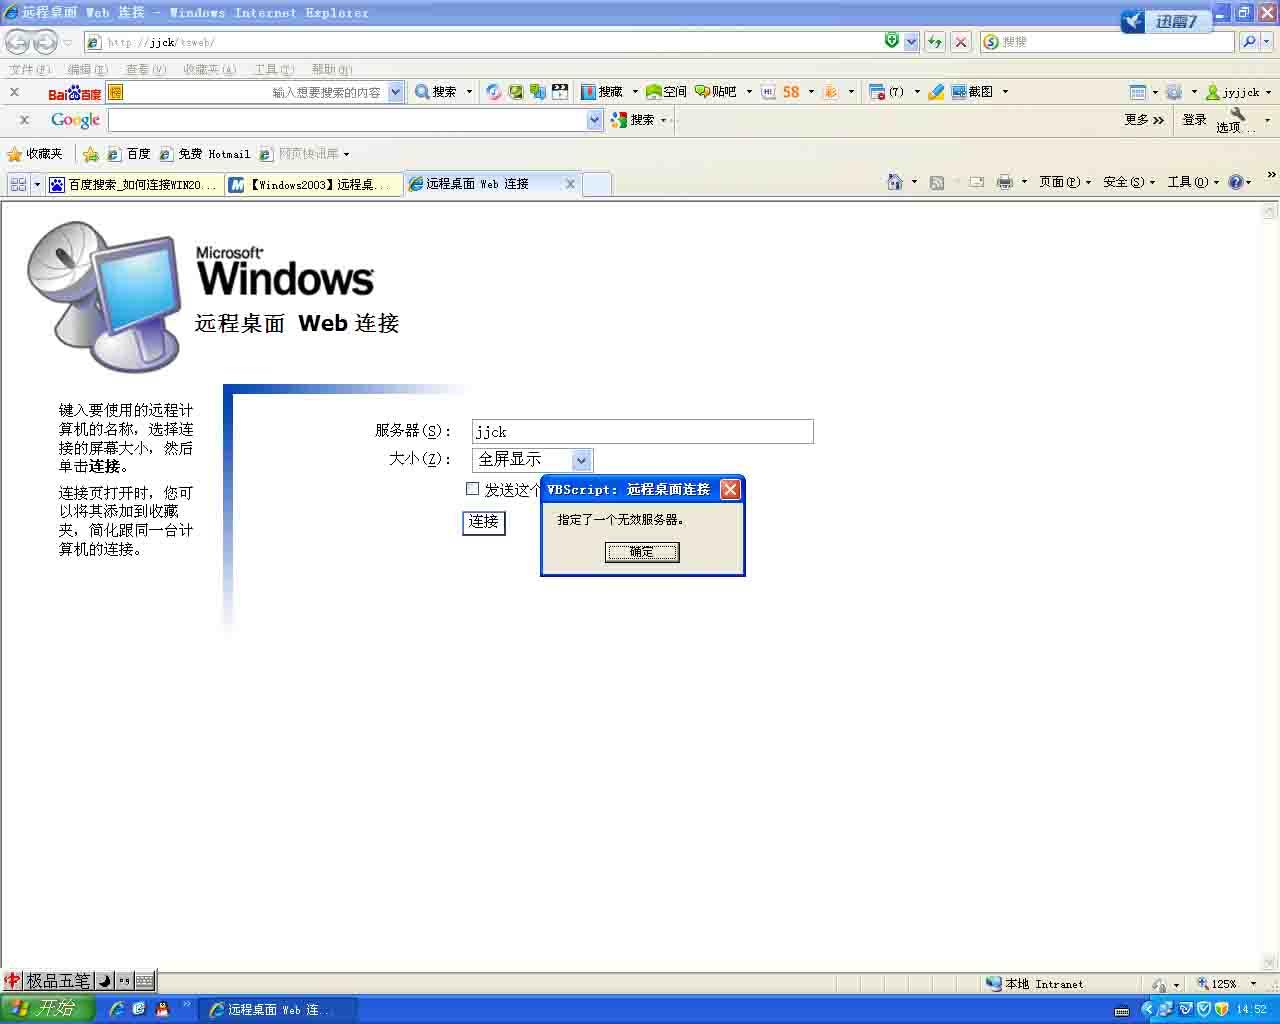 如何连接win2003web远程桌面 如何指定服务器图片